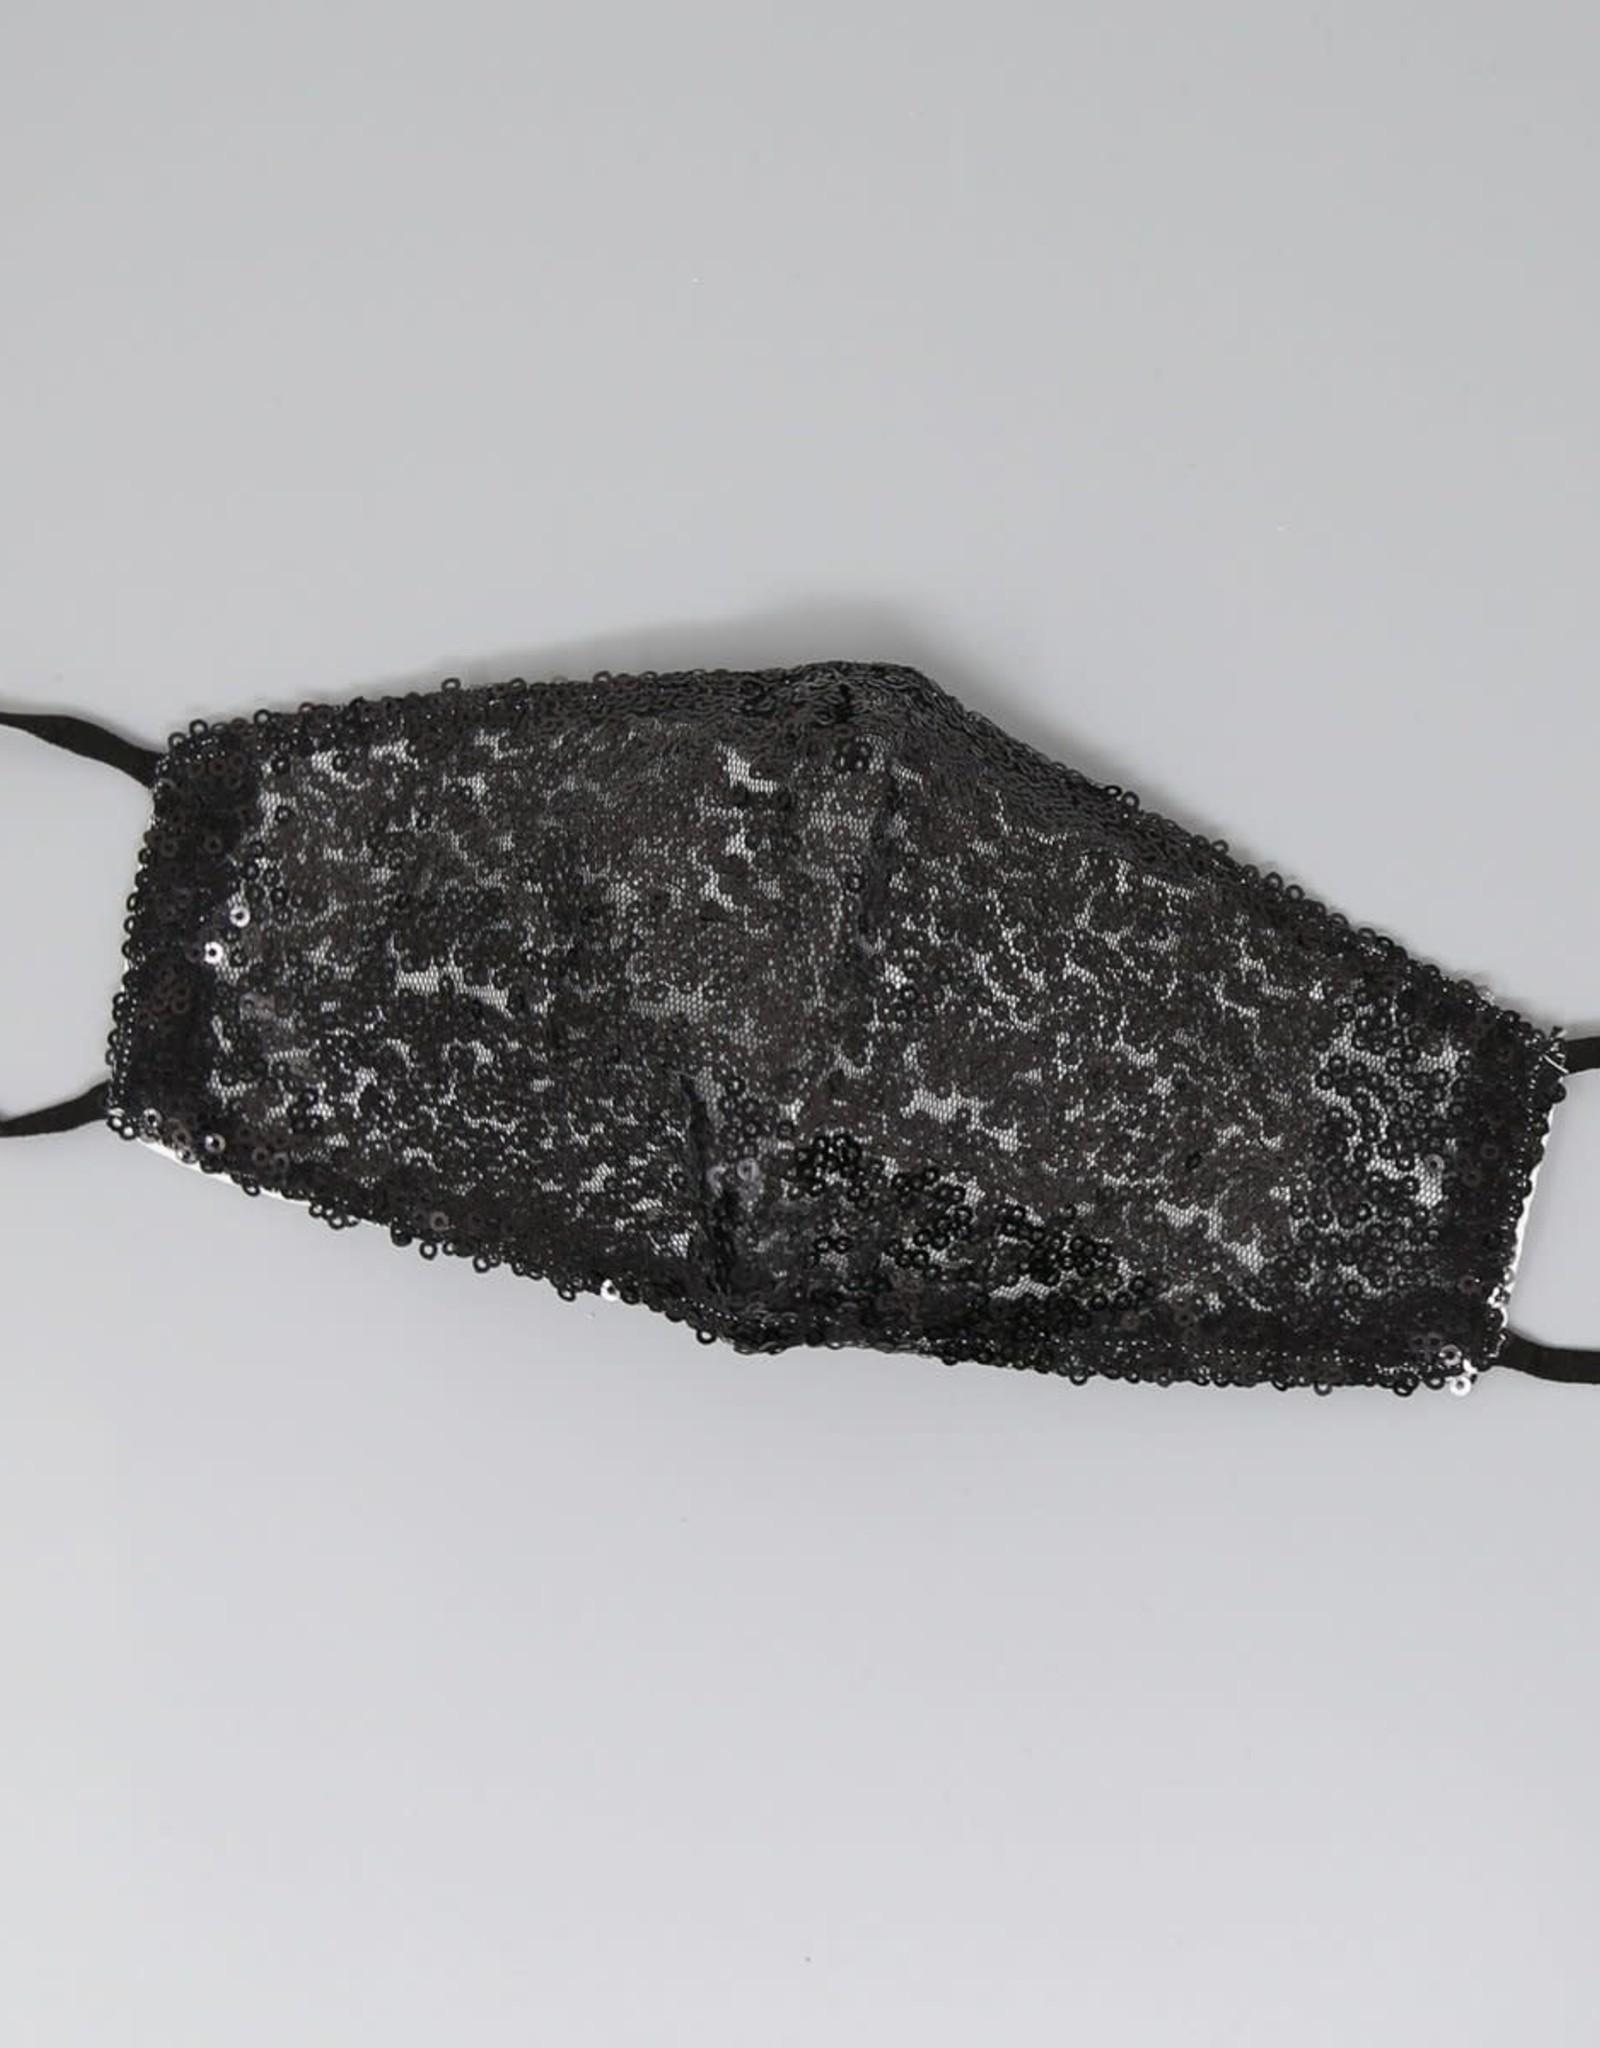 Face Mask Sequin Embellished Black